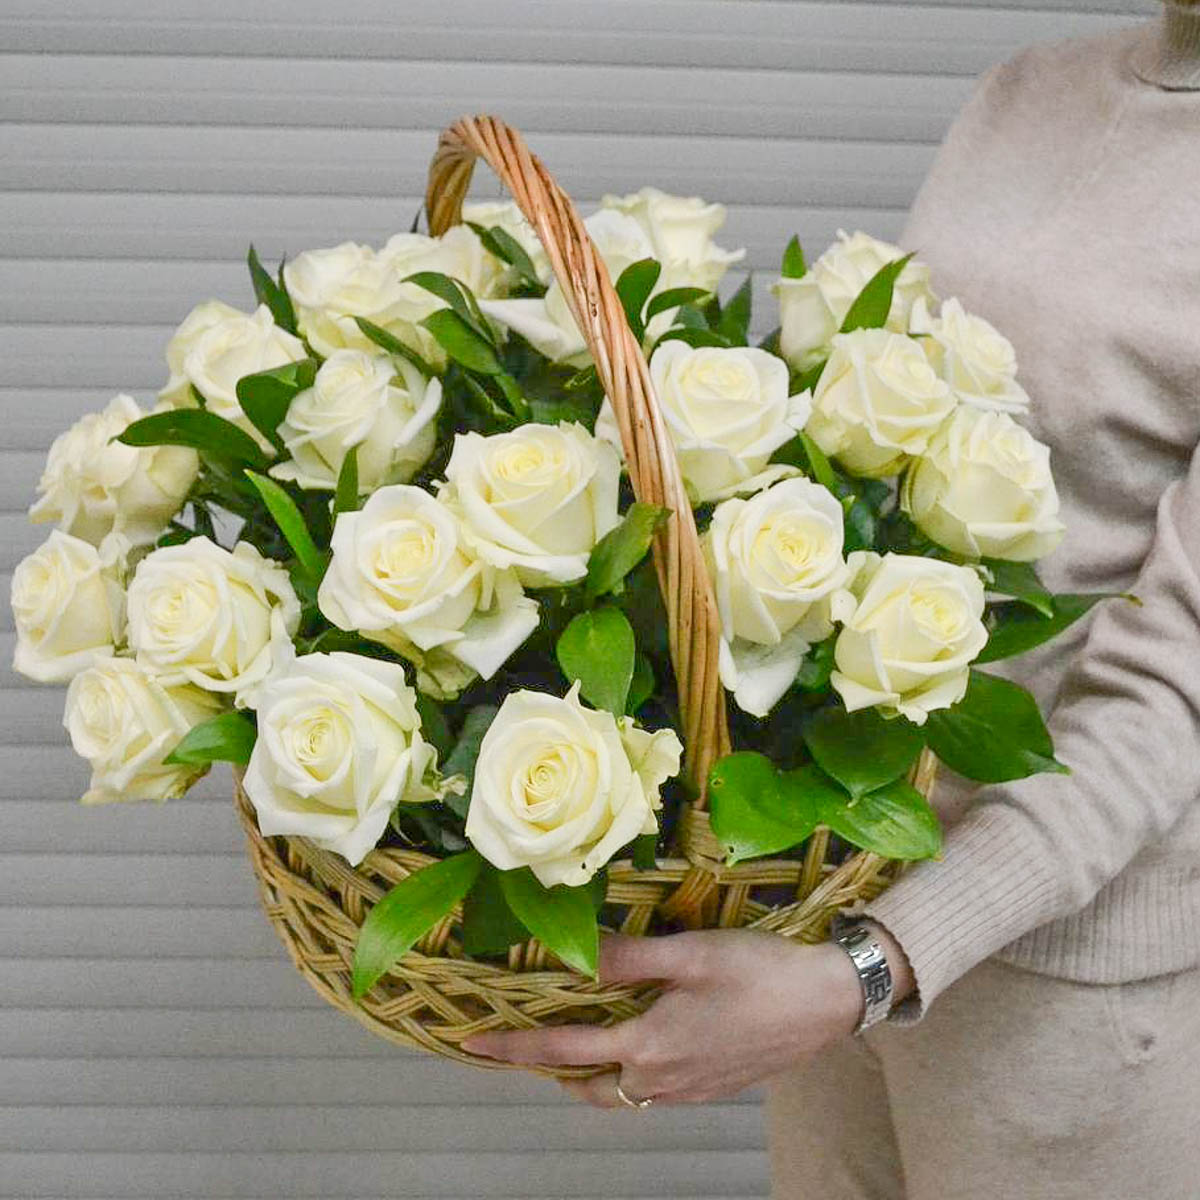 Доставка цветов с открыткой в новосибирске